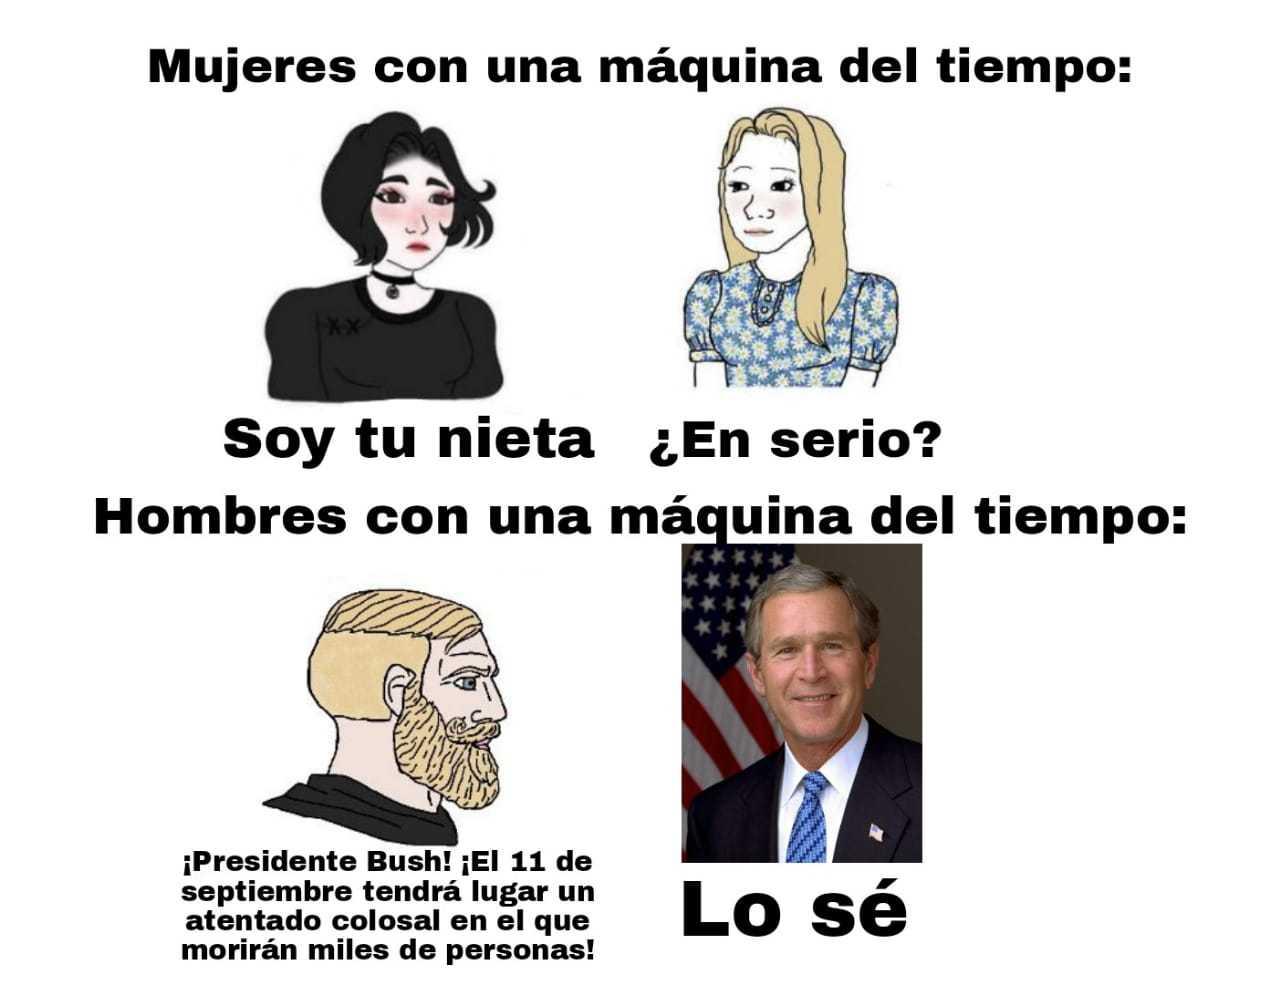 Bush hizo el 9/11 - meme